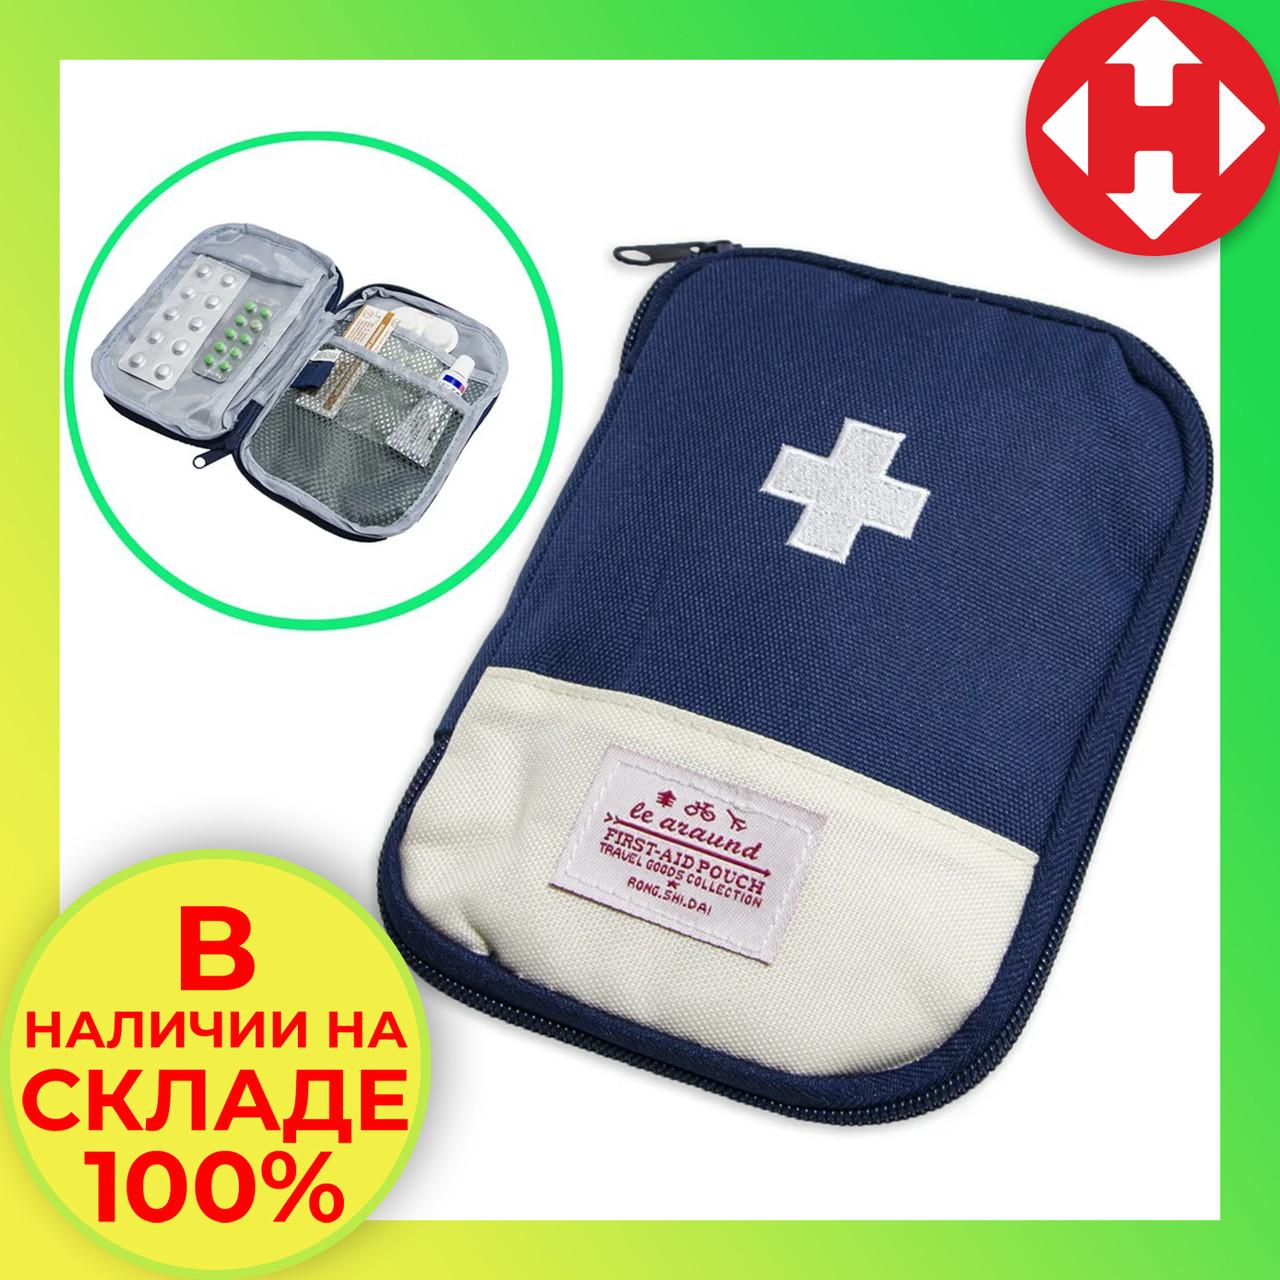 Маленькая личная аптечка-органайзер для лекарств (13х18 см) Синяя, дорожная с доставкой по Украине